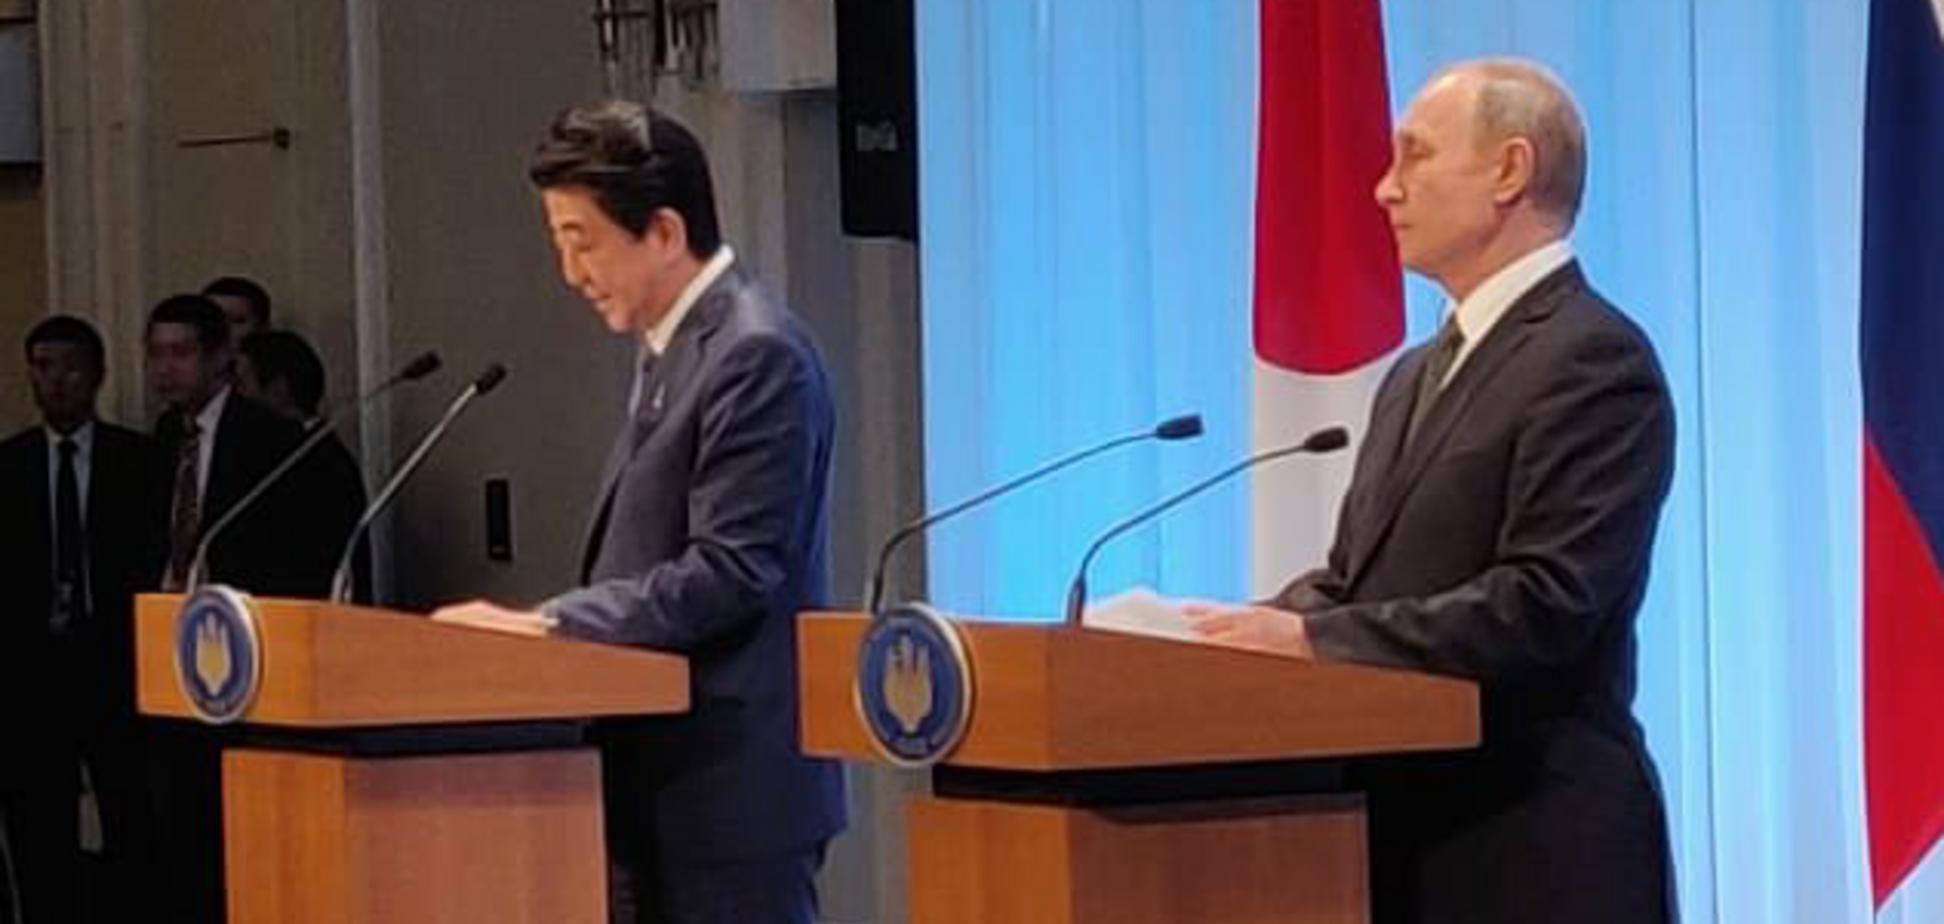 Прем'єр Японії раптово захотів помиритися з Путіним